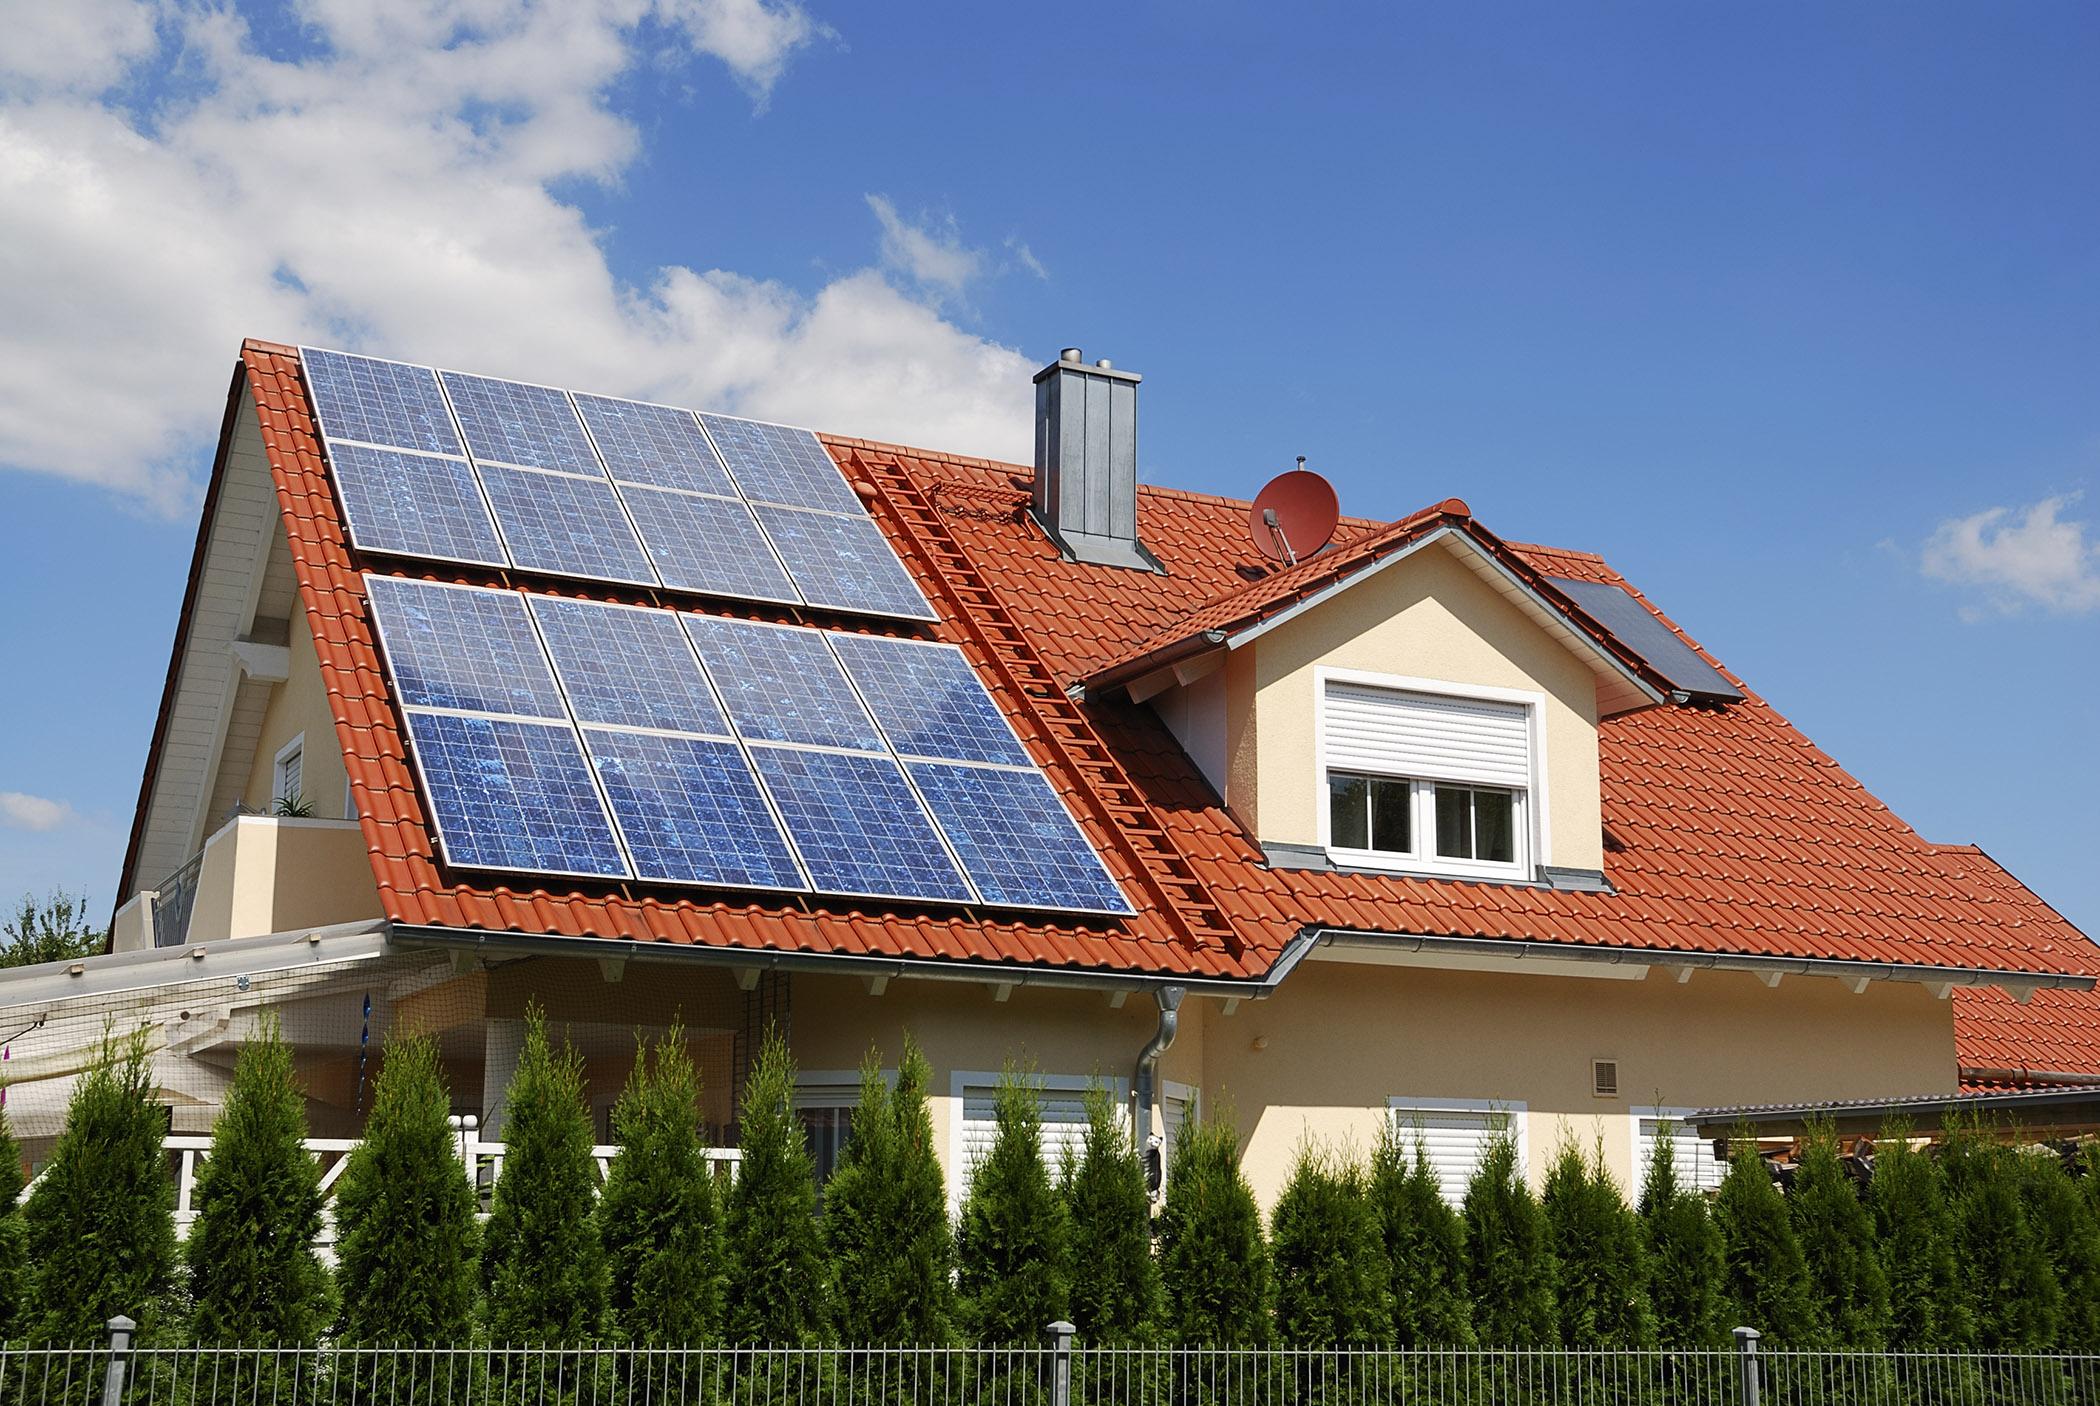 residential solar panel install in Regina